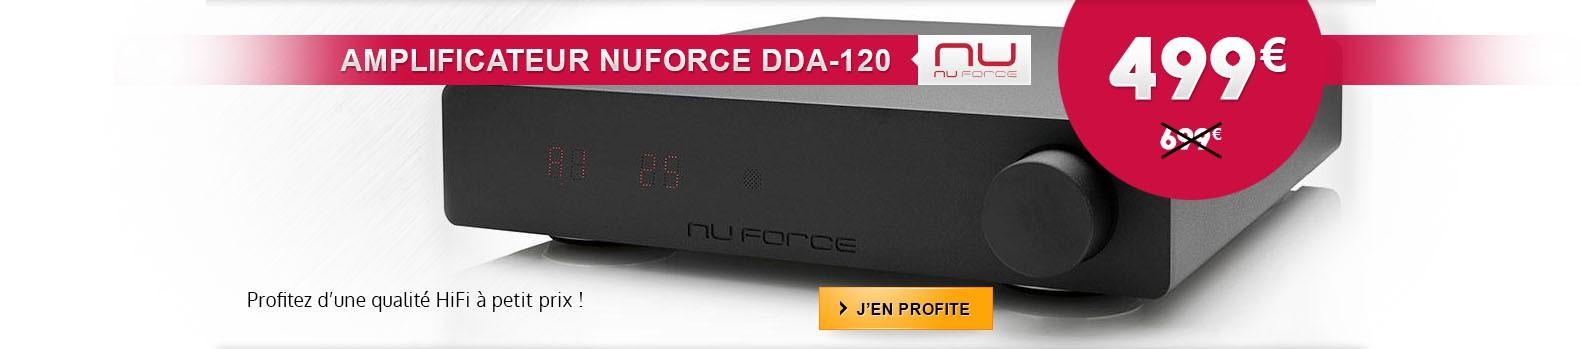 Amplificateur NuForce DDA120 : La qualité HiFi à petit prix !